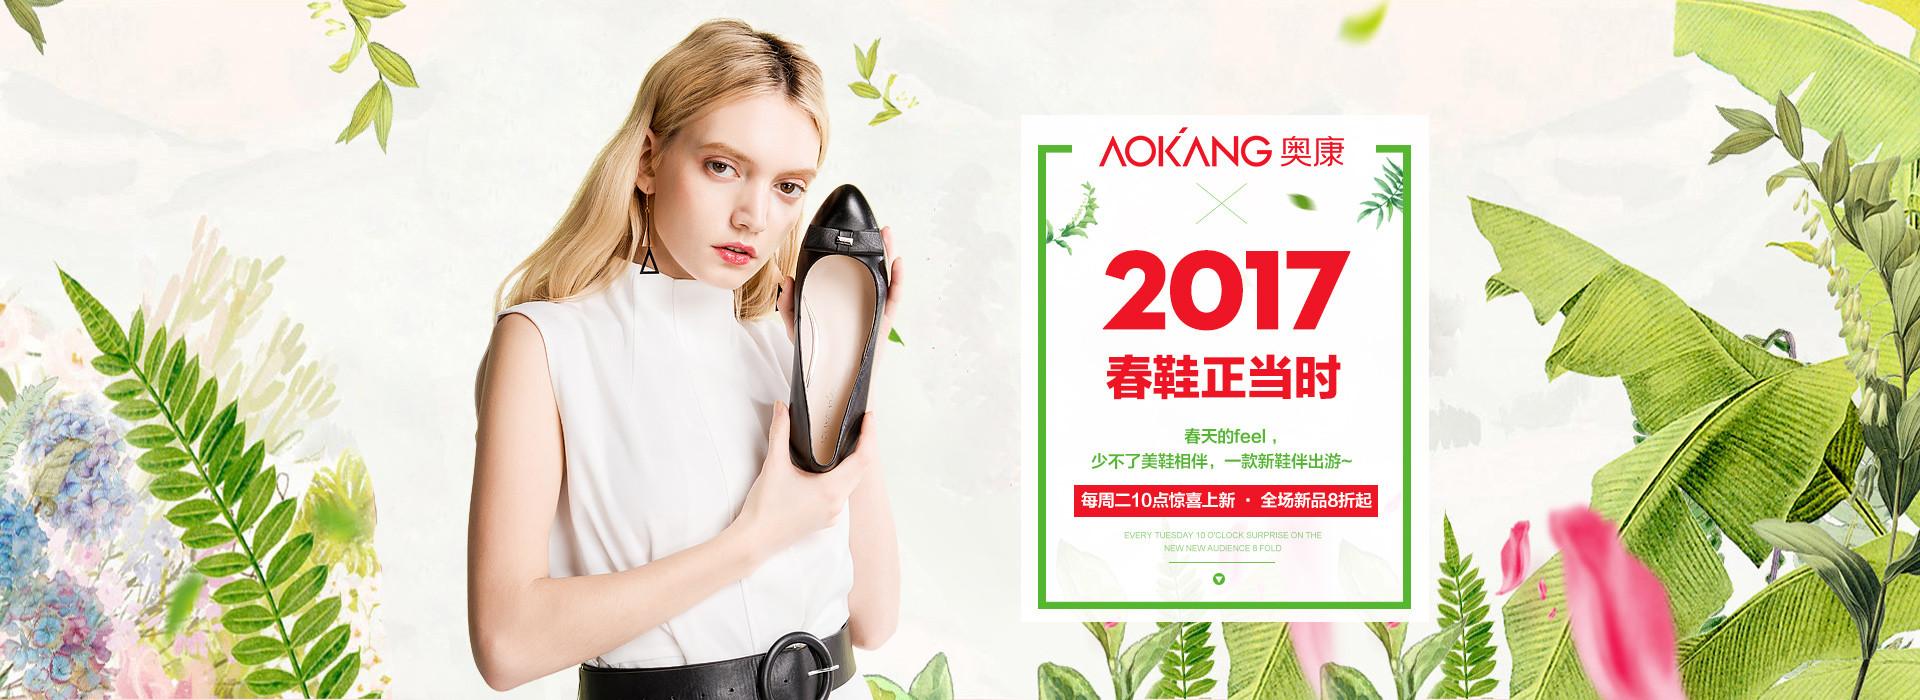 2017春鞋正当时